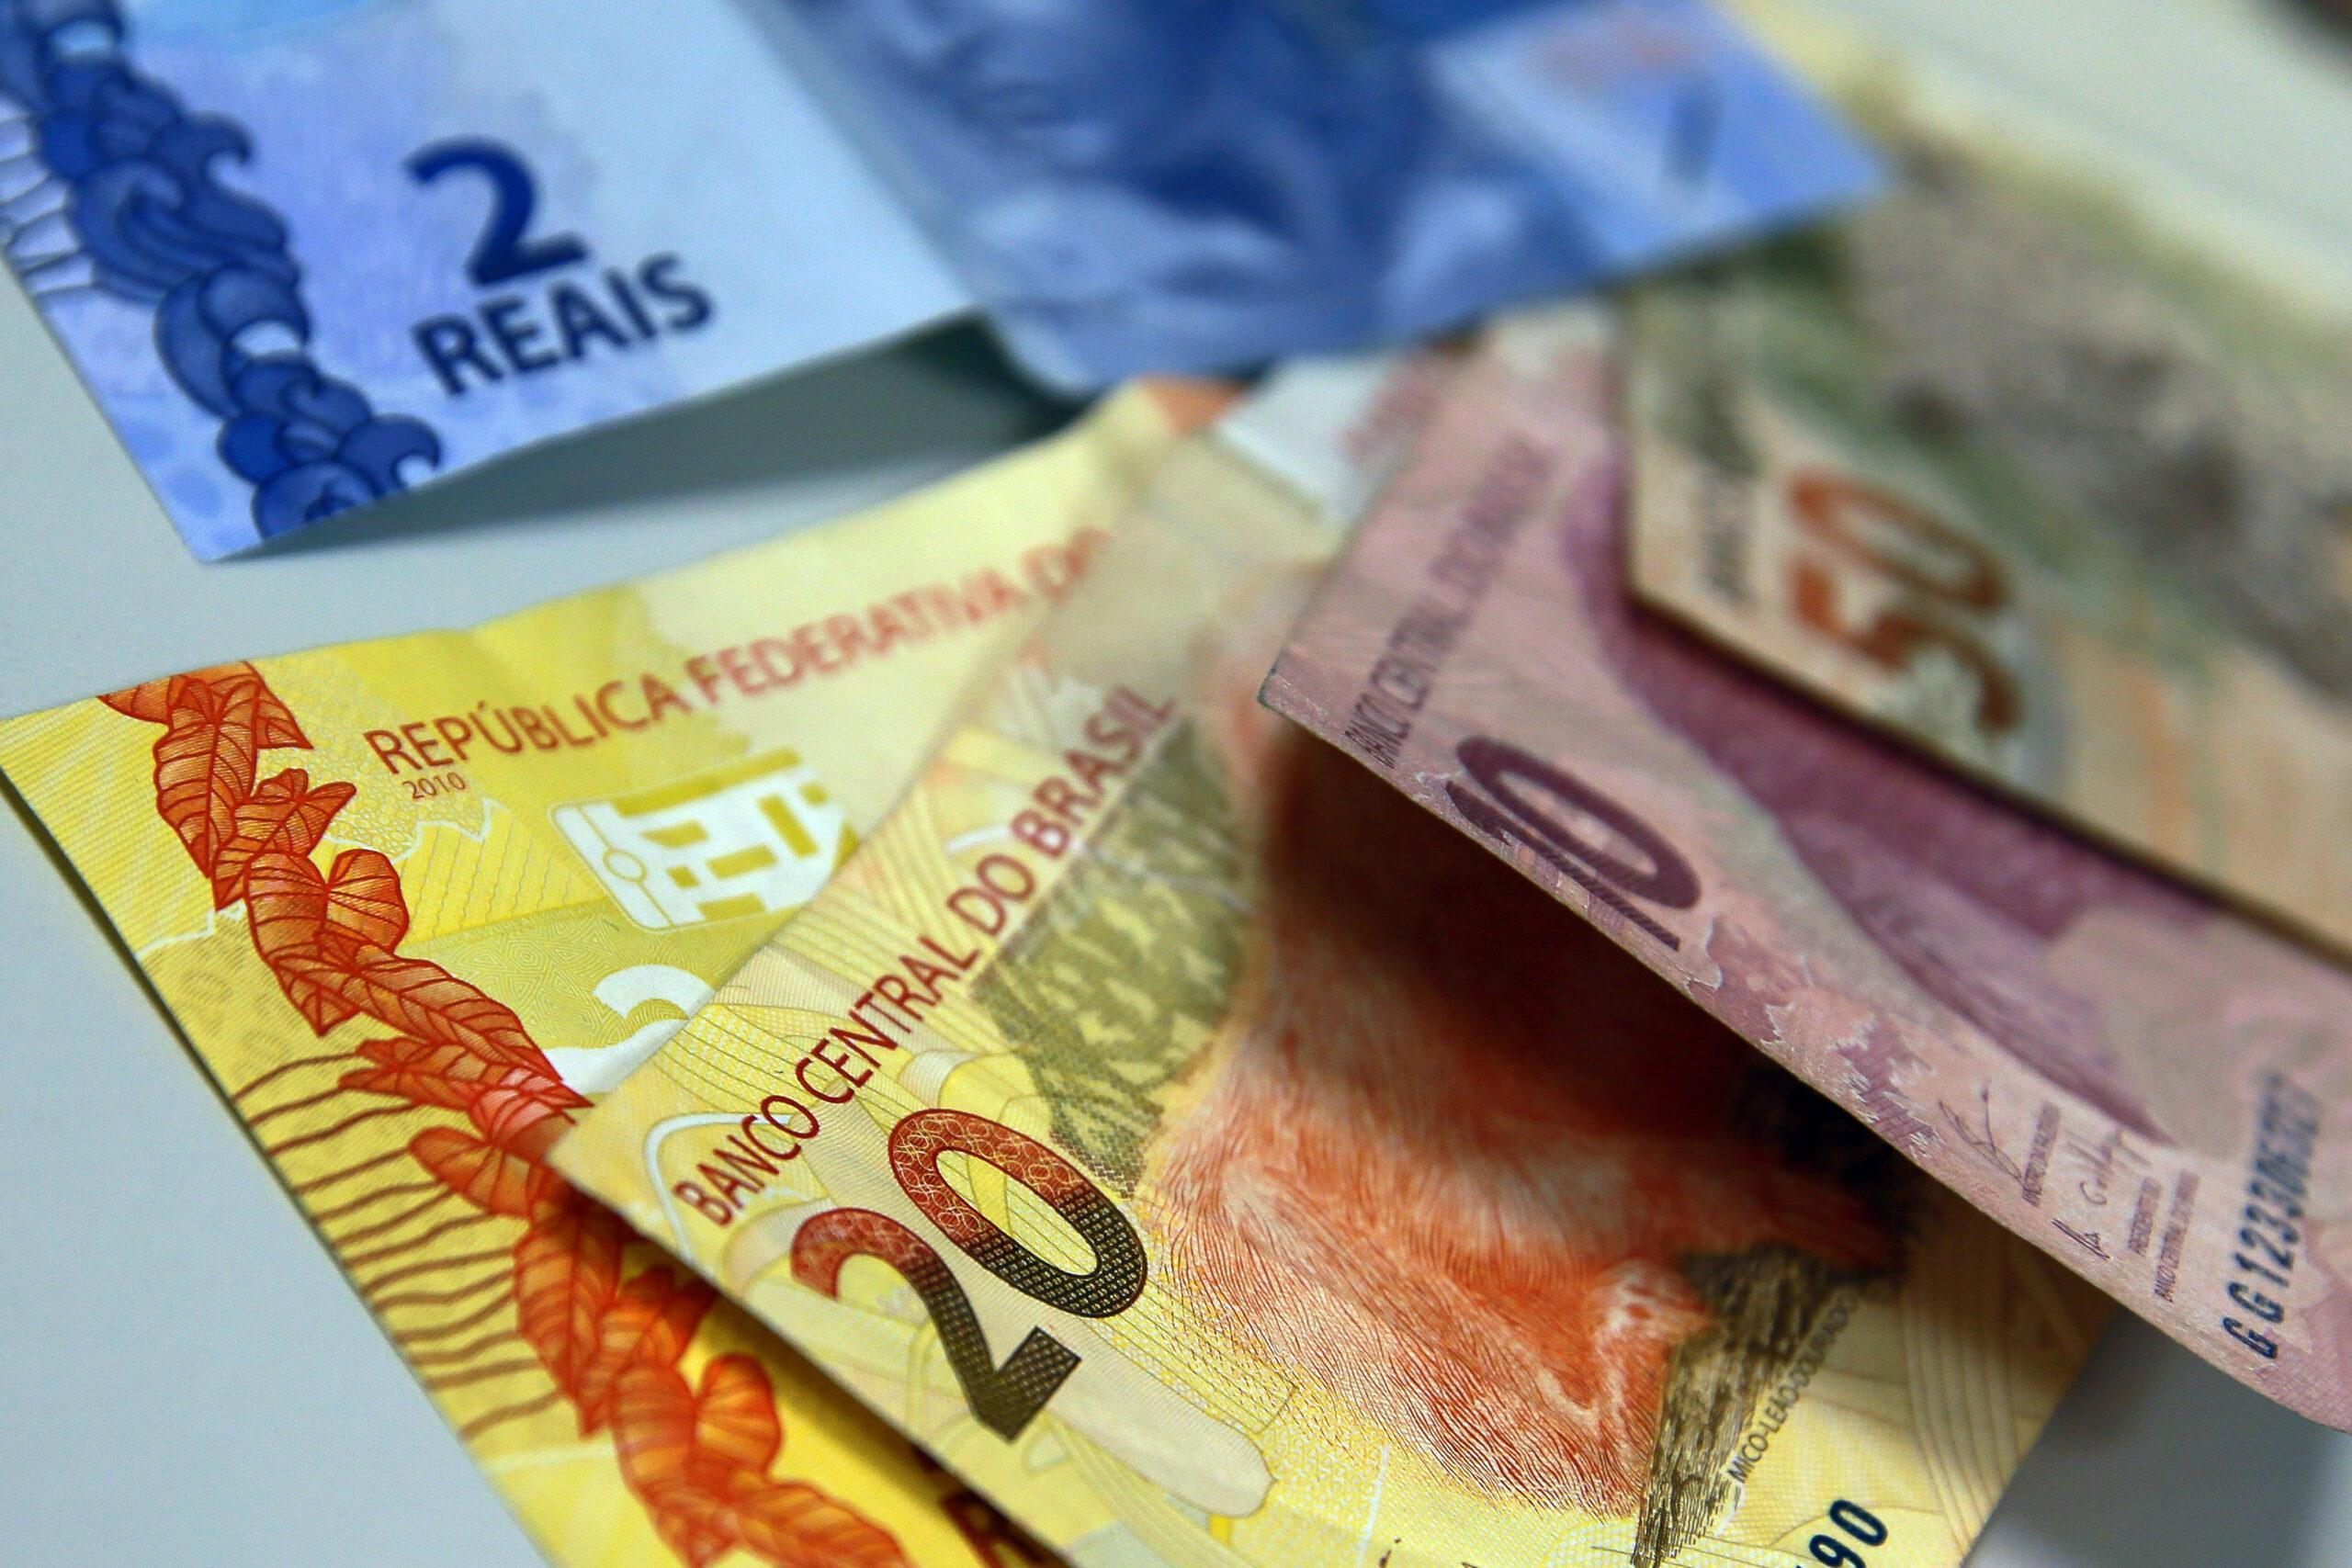 Décimo terceiro irá injetar bilhões na economia brasileira. Foto: reprodução/Agência Brasil